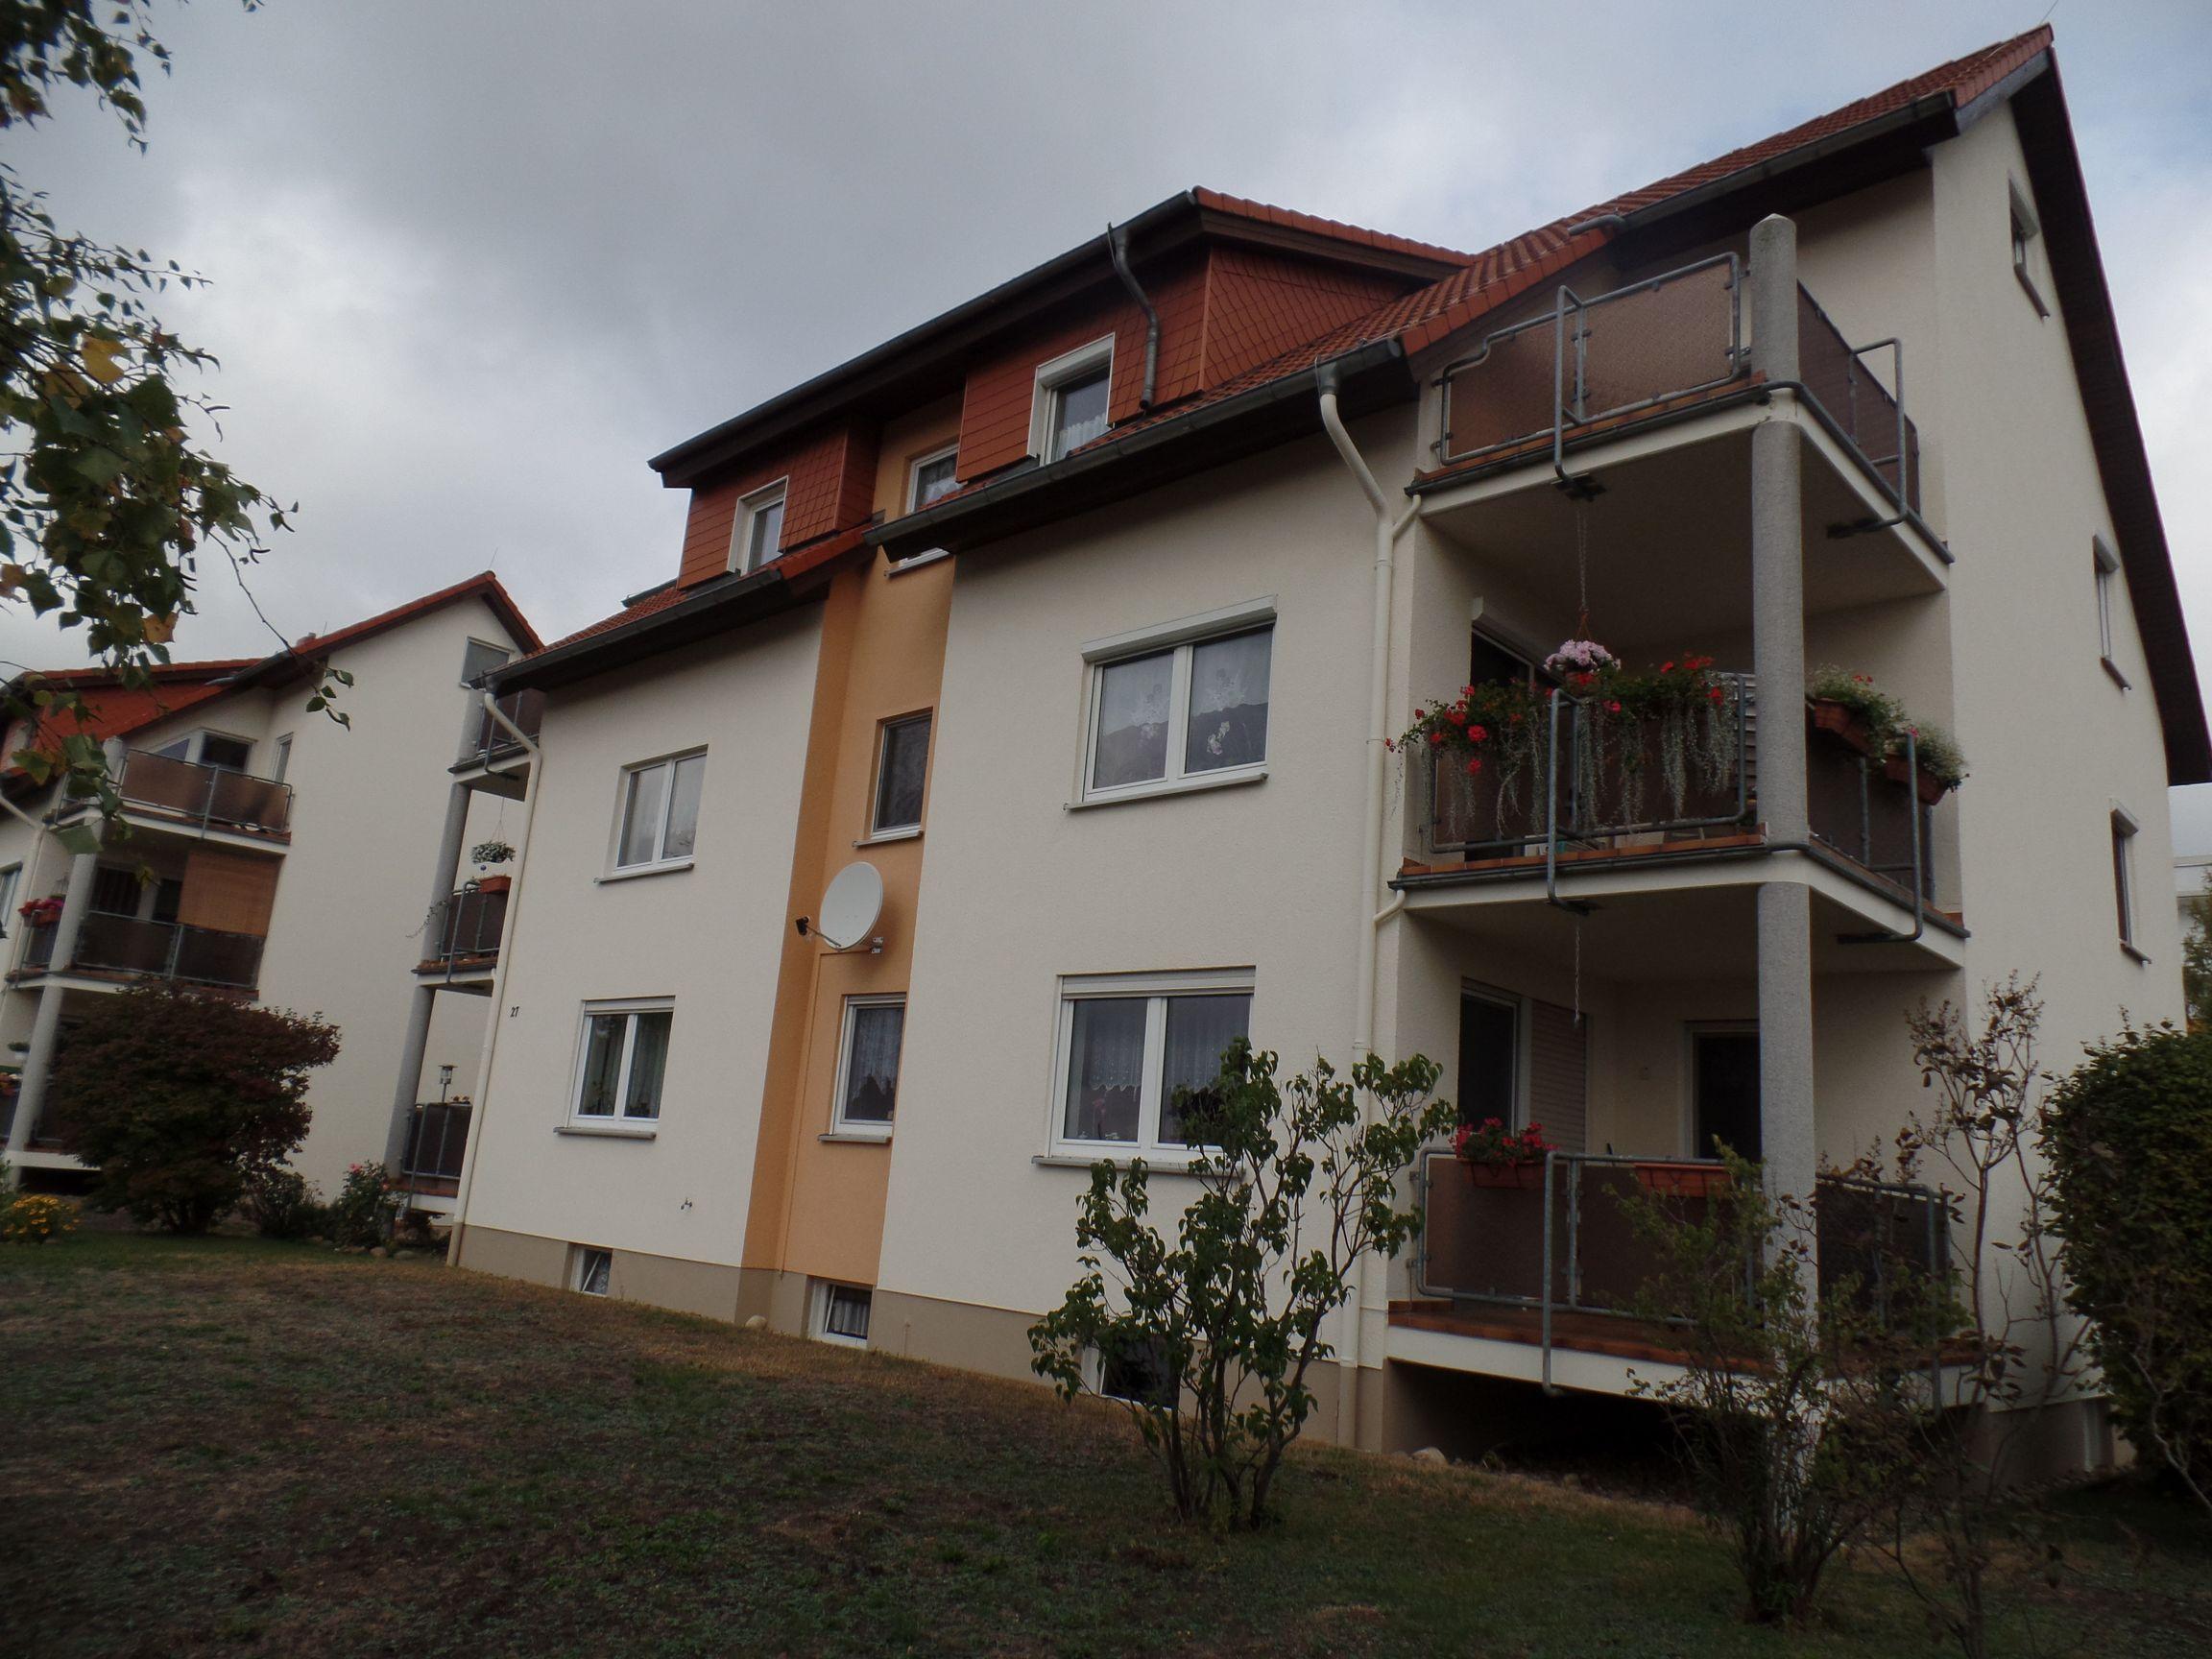 Attraktive 2-Raum ETW mit Balkon zur Kapitalanlage – vermietet!